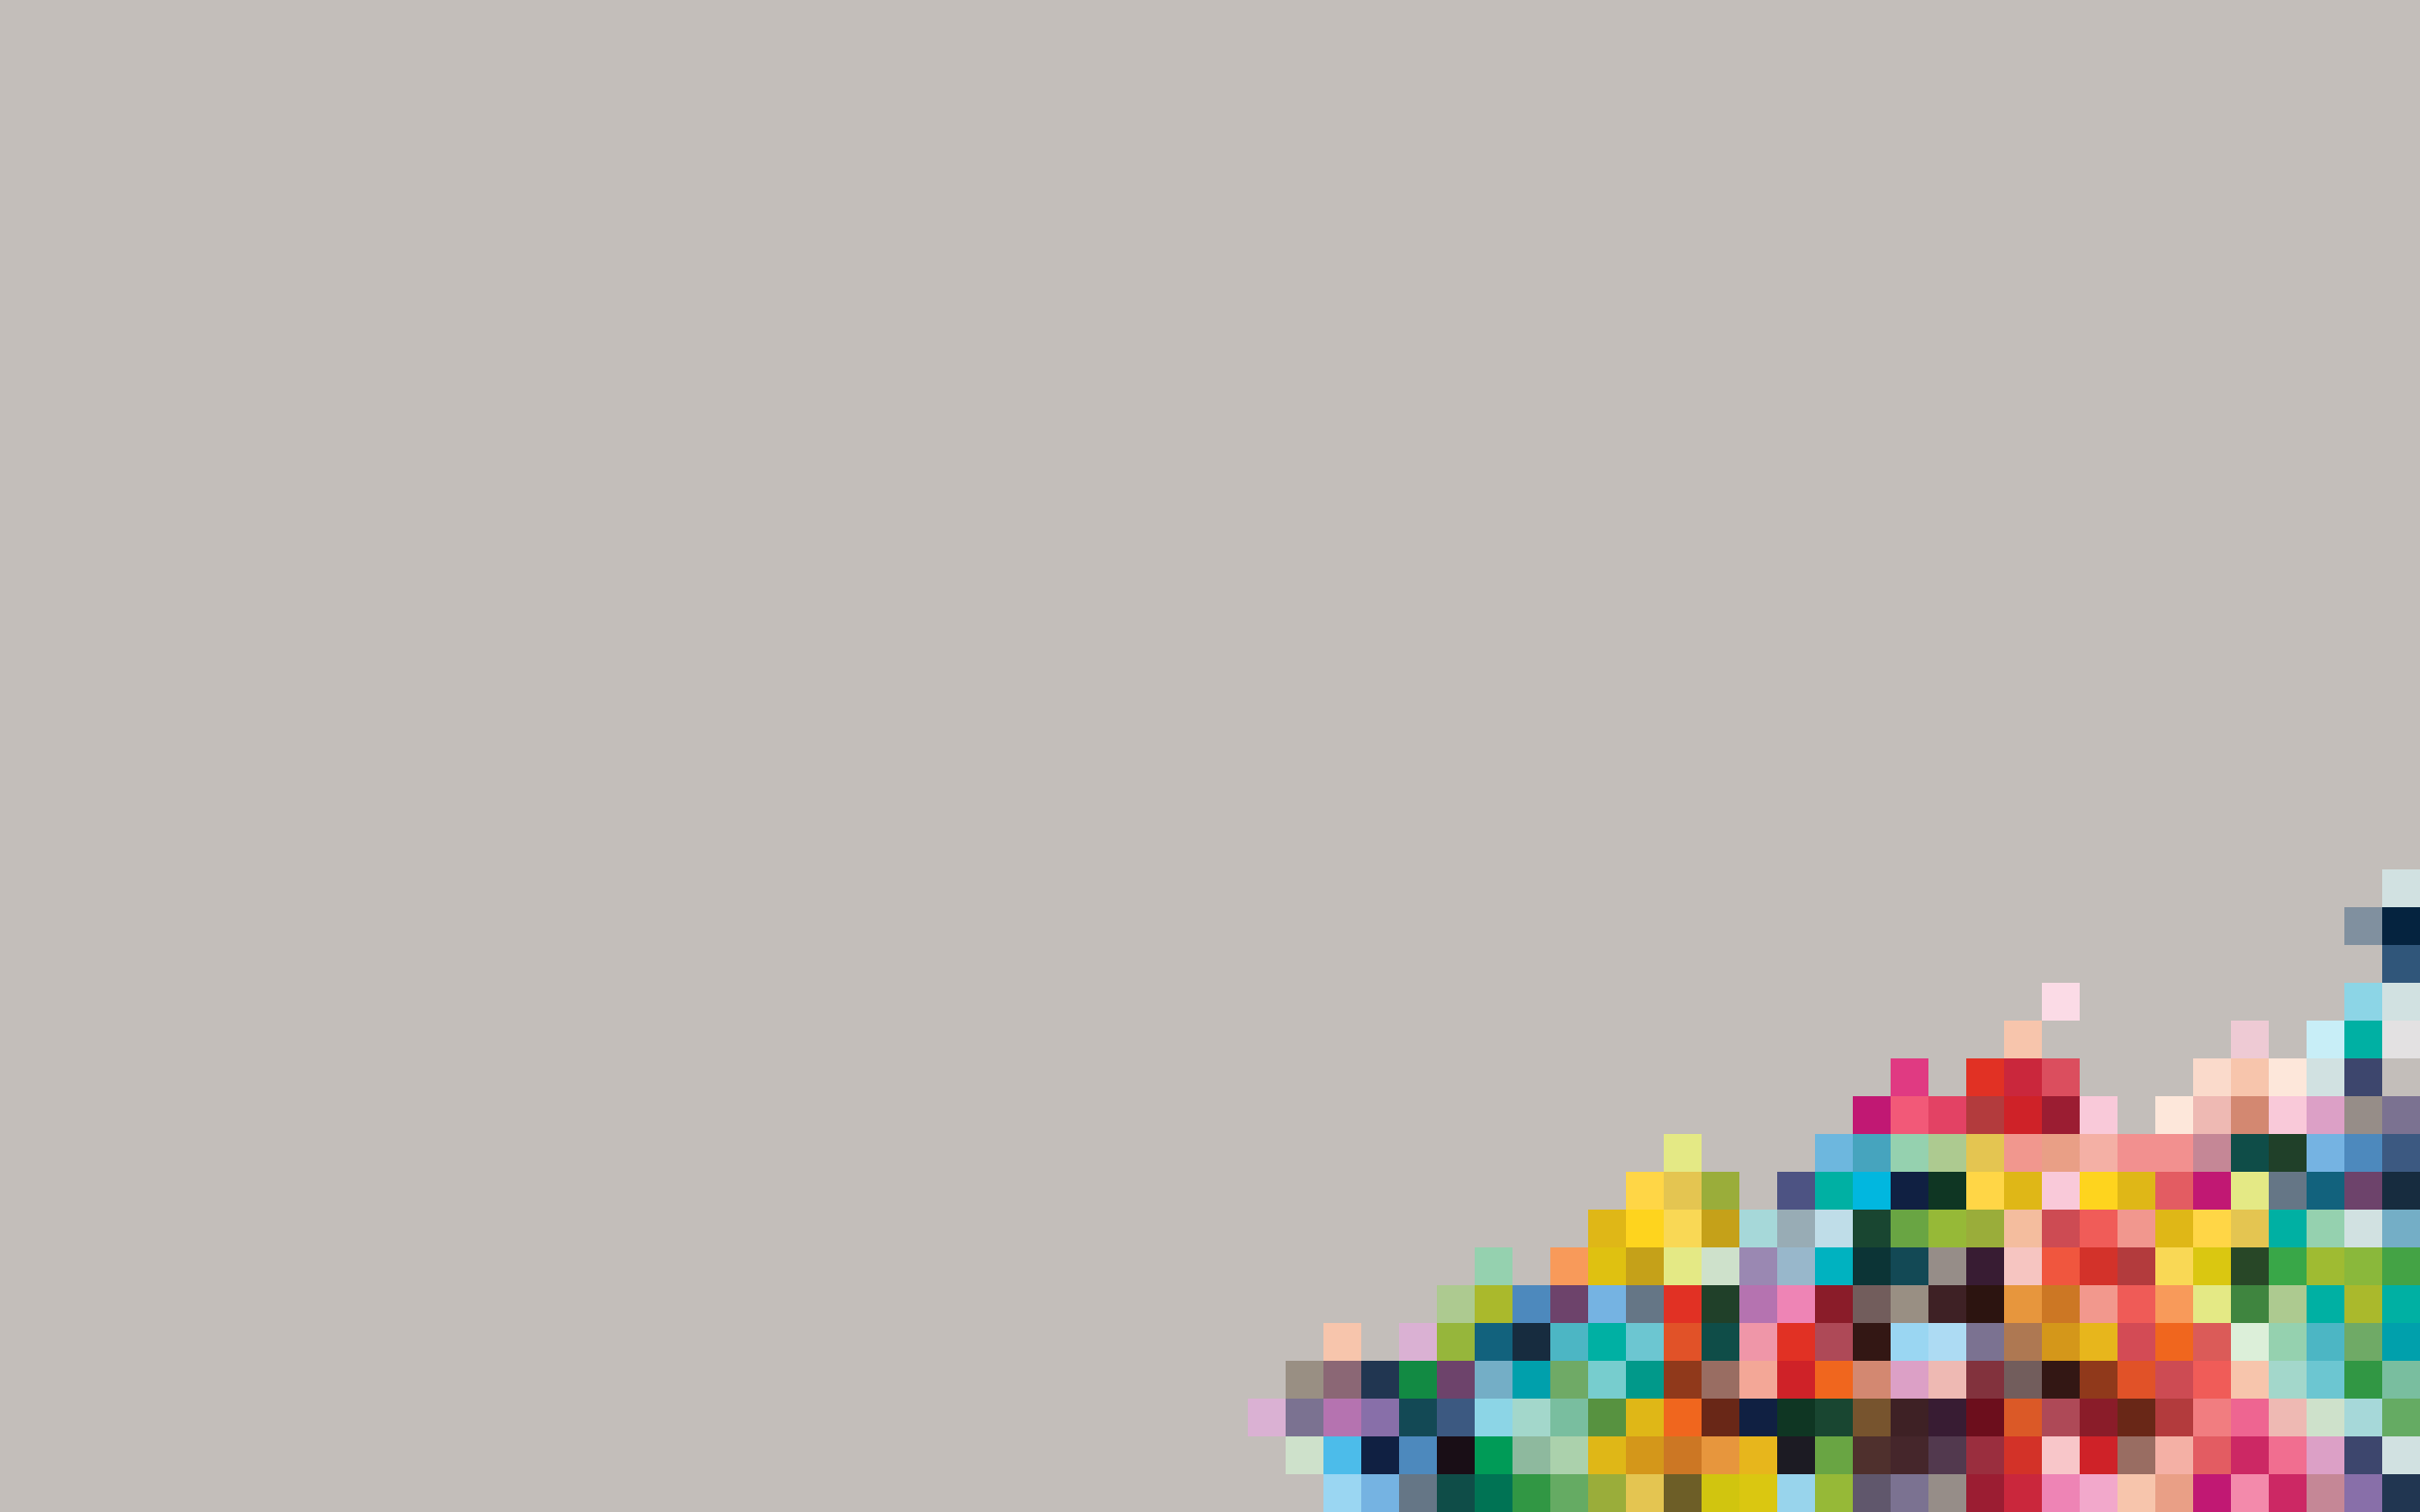 Amazing Pixel Wallpaper